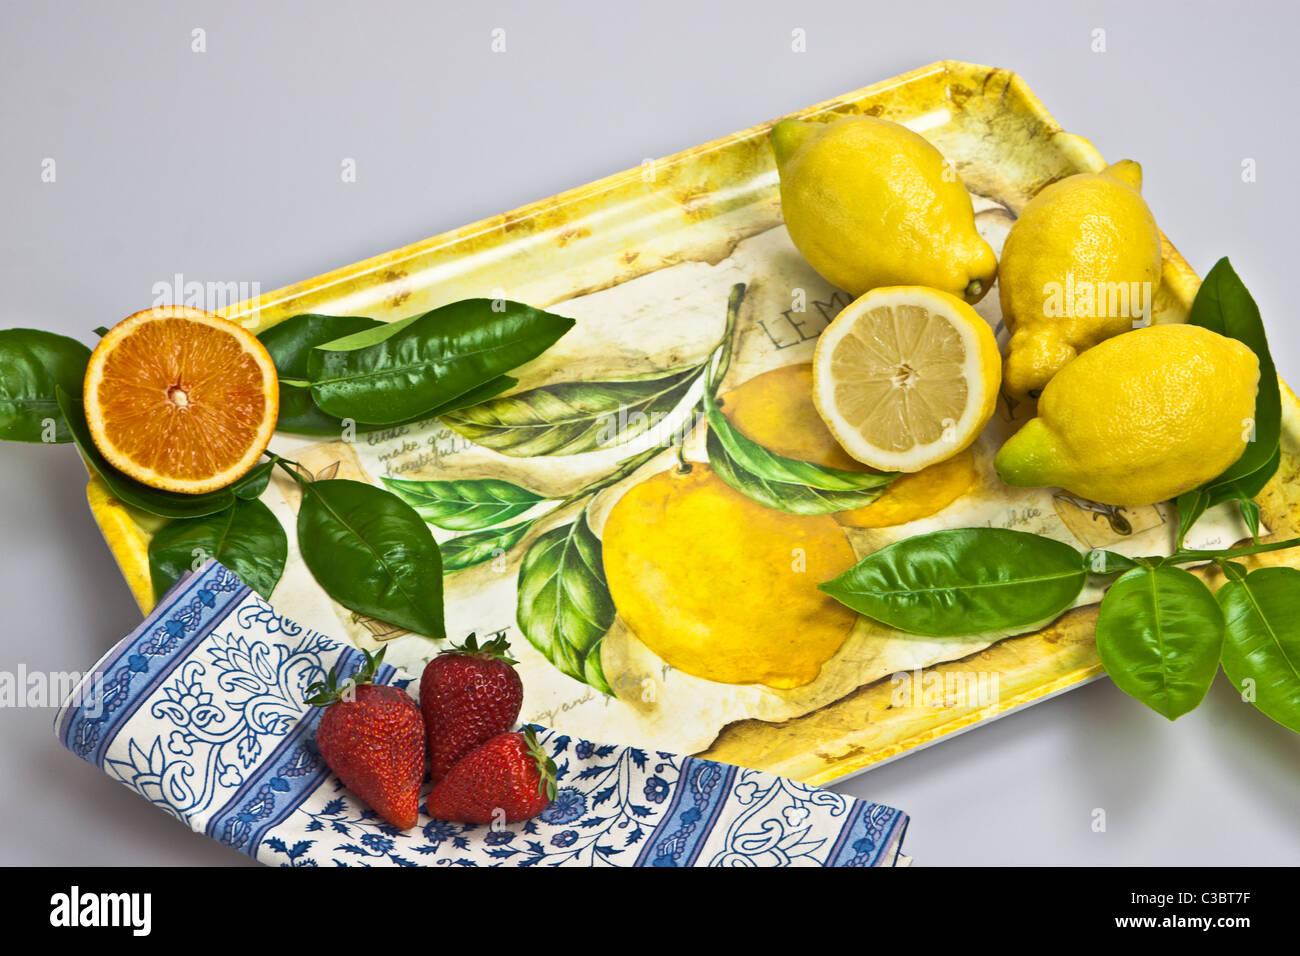 ein Tablett mit Orangen, Zitronen und Erdbeeren Stockbild